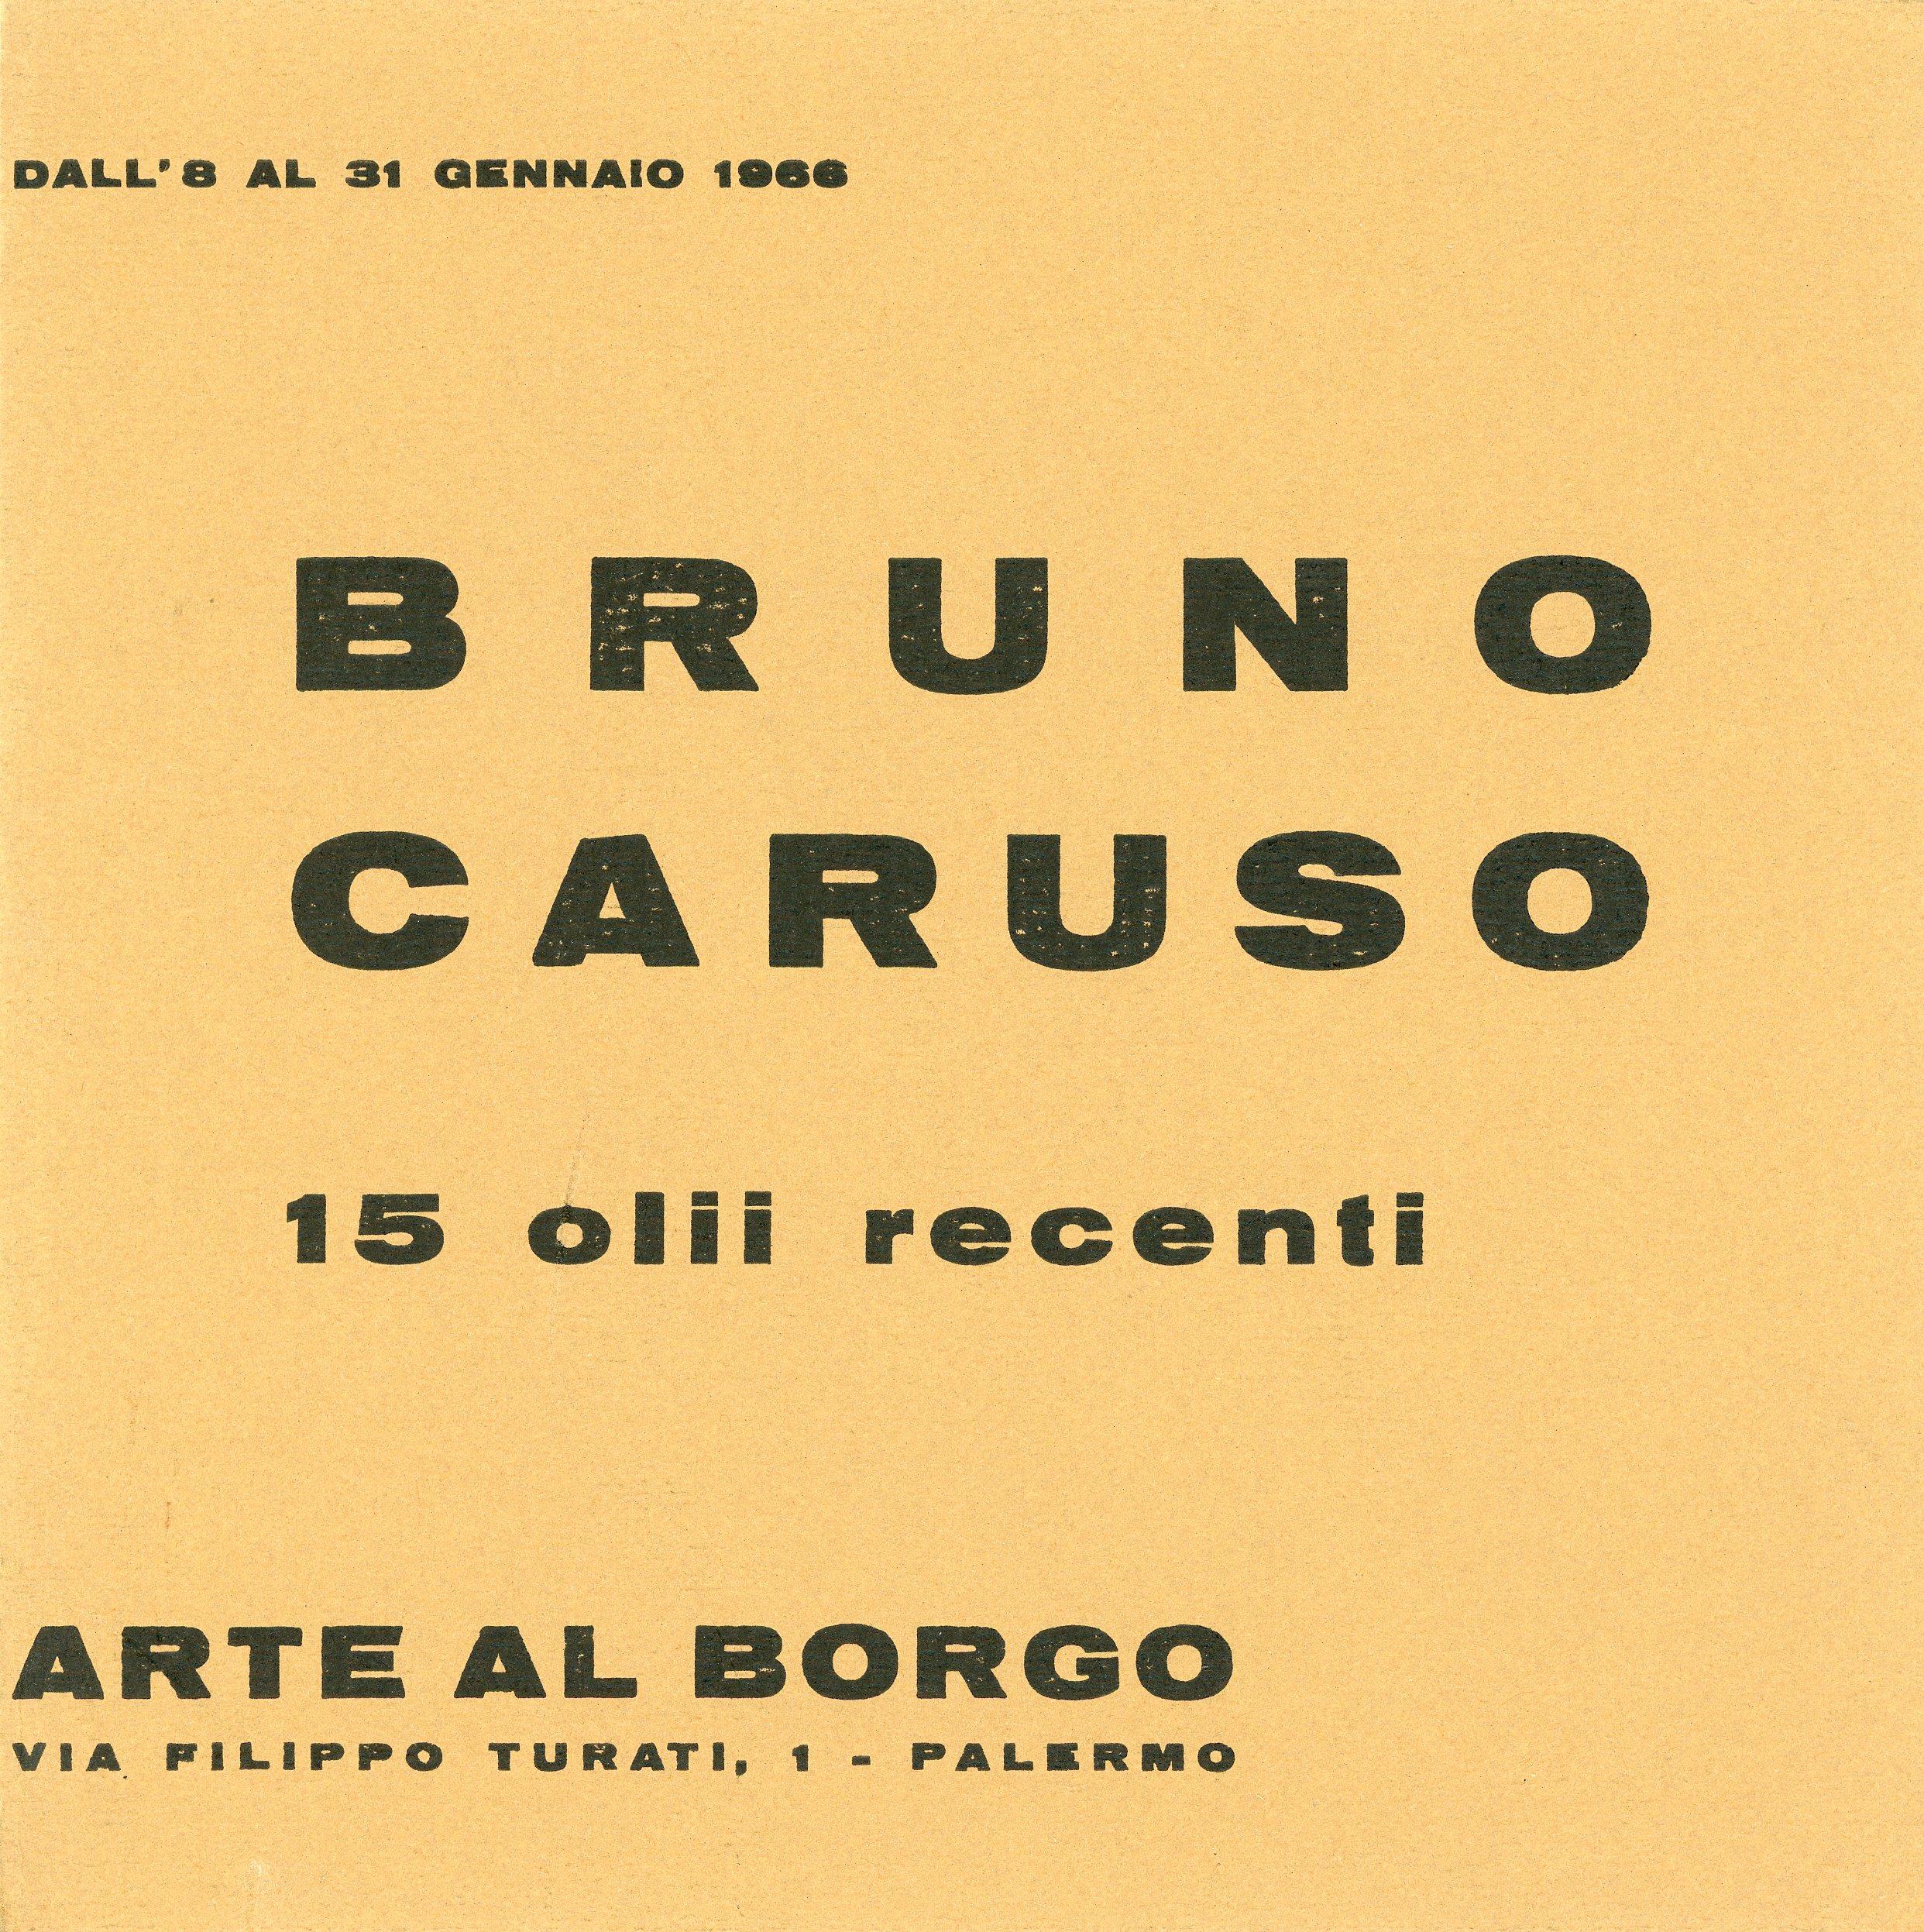 1966-01 Arte al Borgo - Bruno Caruso_01.jpg